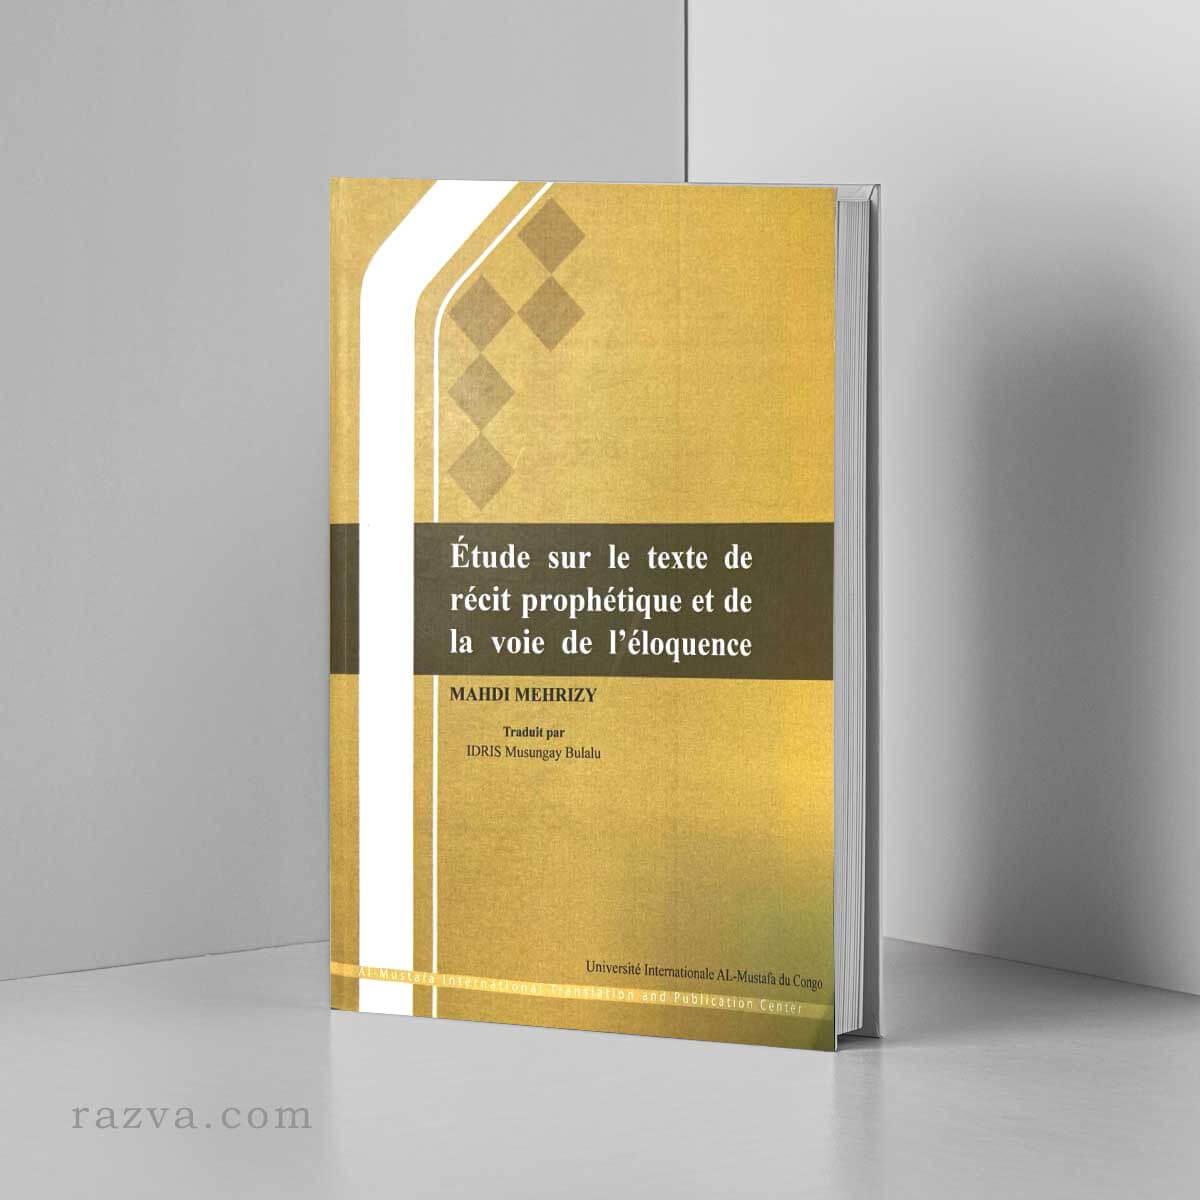 Étude sur le texte de récit prophétique et de la voie de l'éloquence